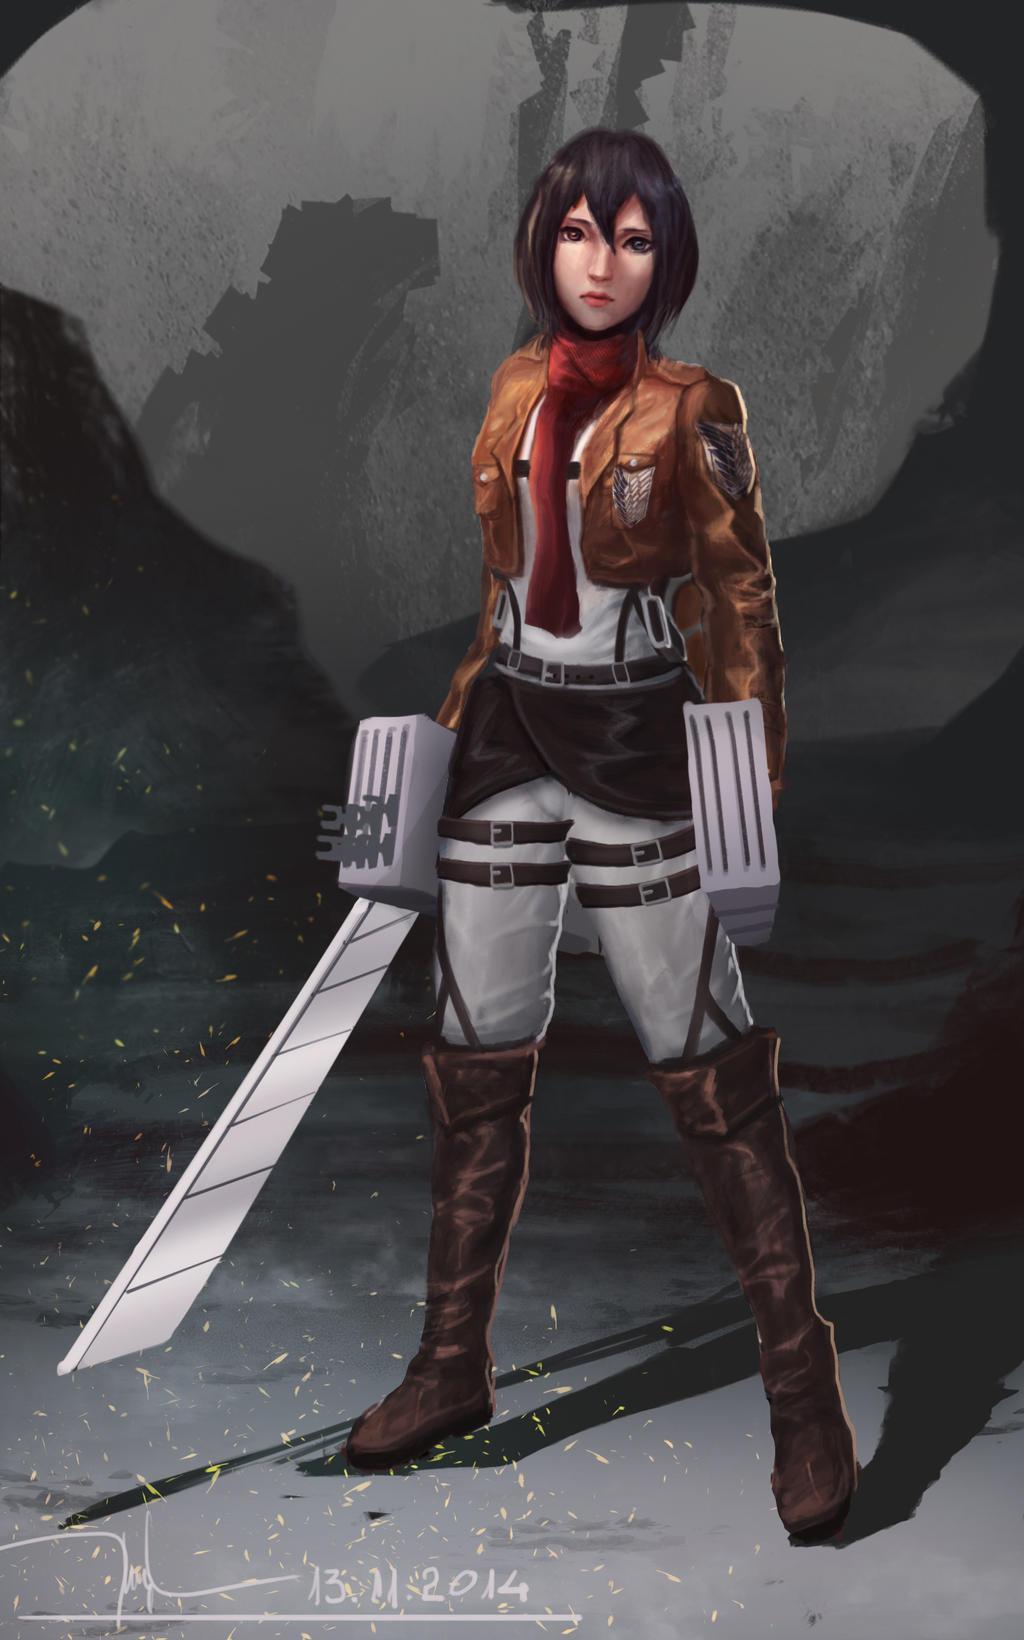 Mikasa Ackerman - Shingeki no Kyojin